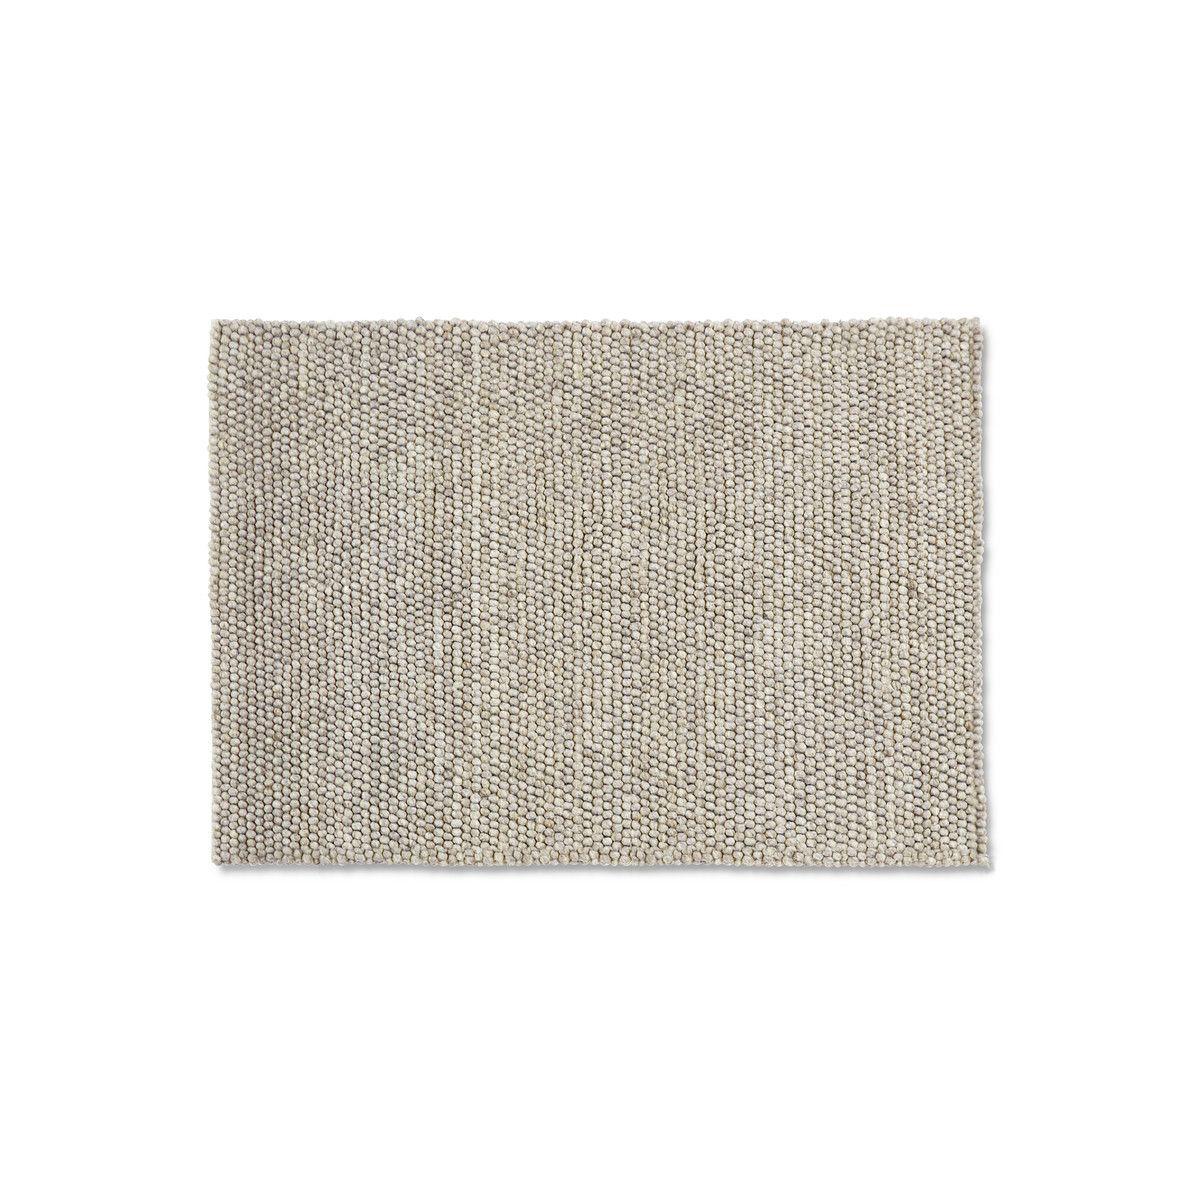 Exceptionnel Hay Peas Teppich 140 X 200 Cm, Soft Grey